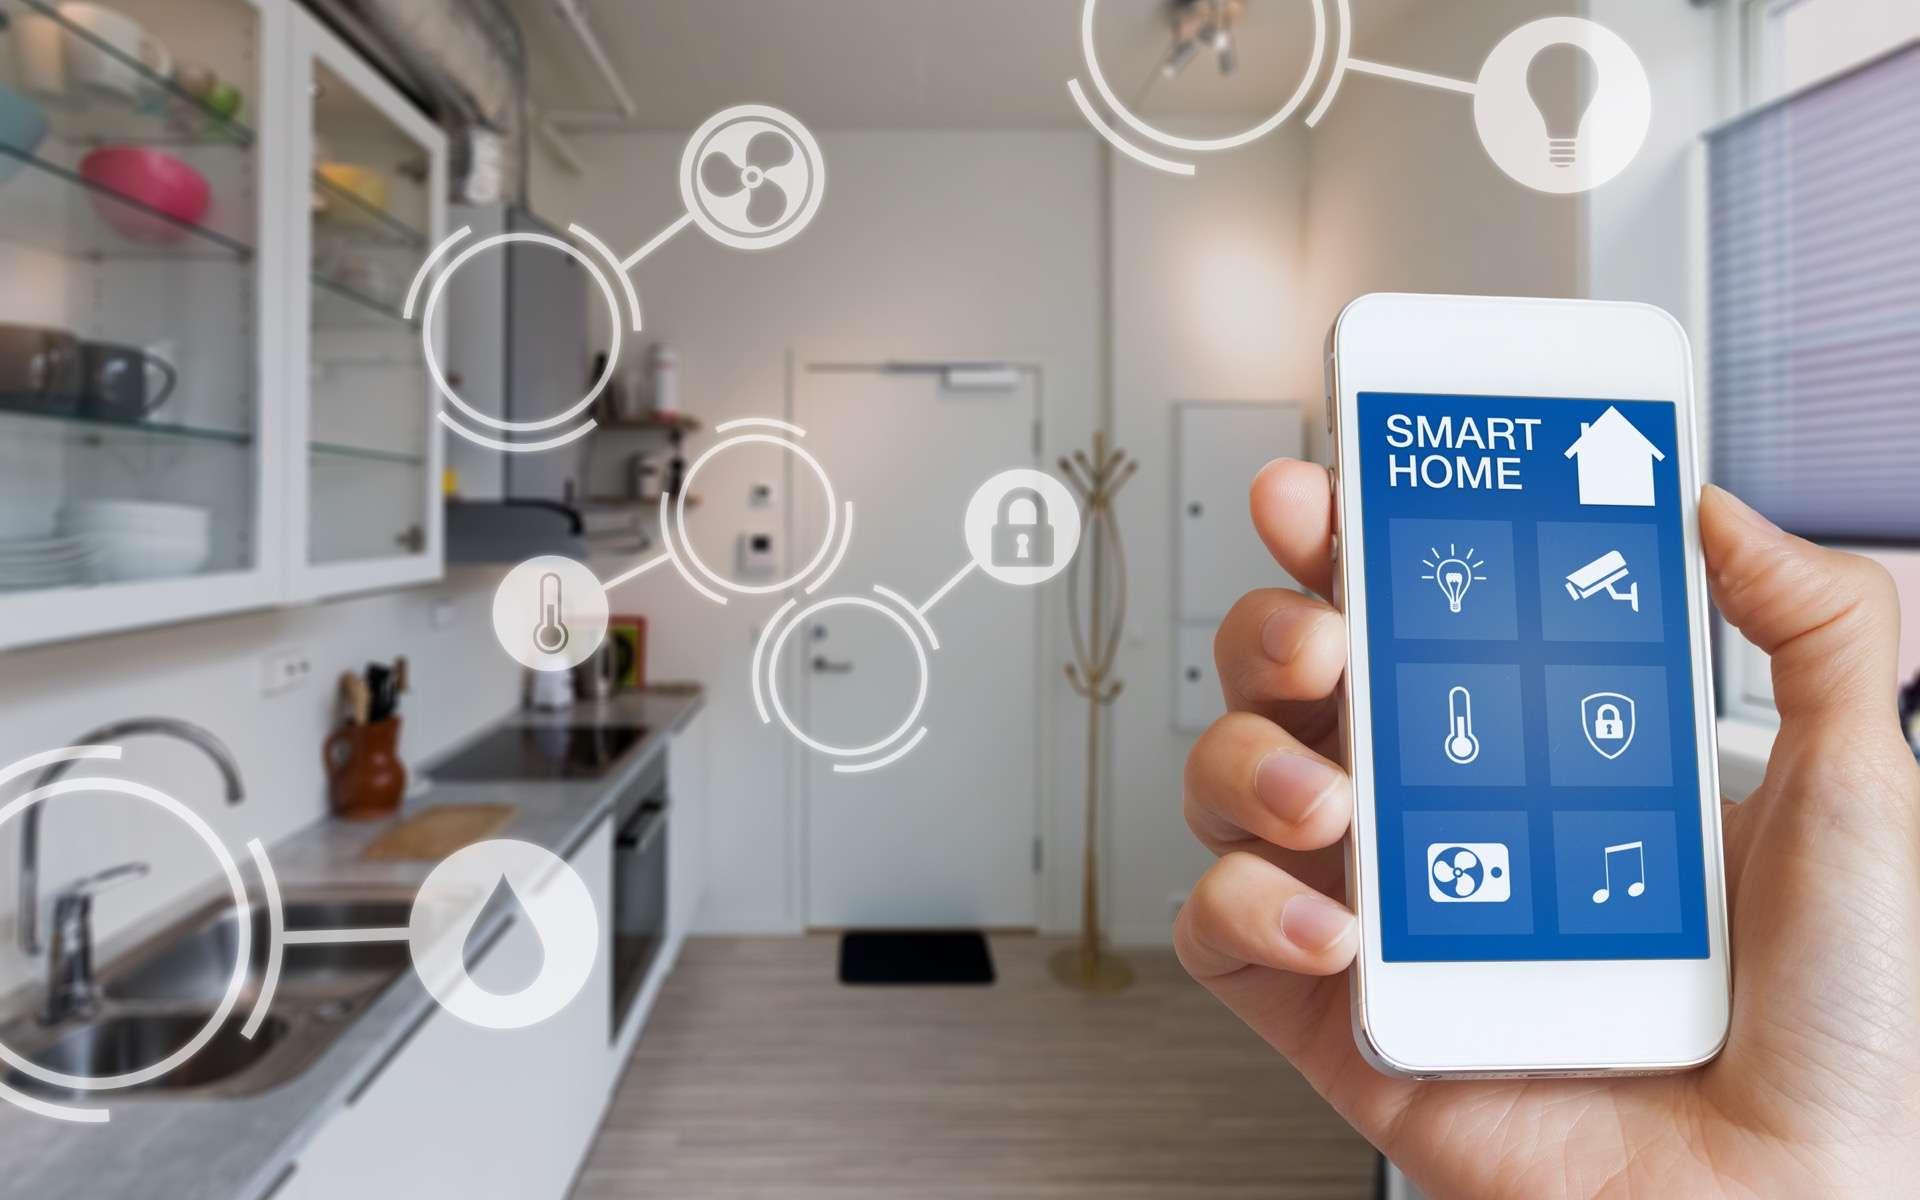 Demain, les serrures intelligentes viendront simplifier notre quotidien. © NicoElNino, Adobe Stock